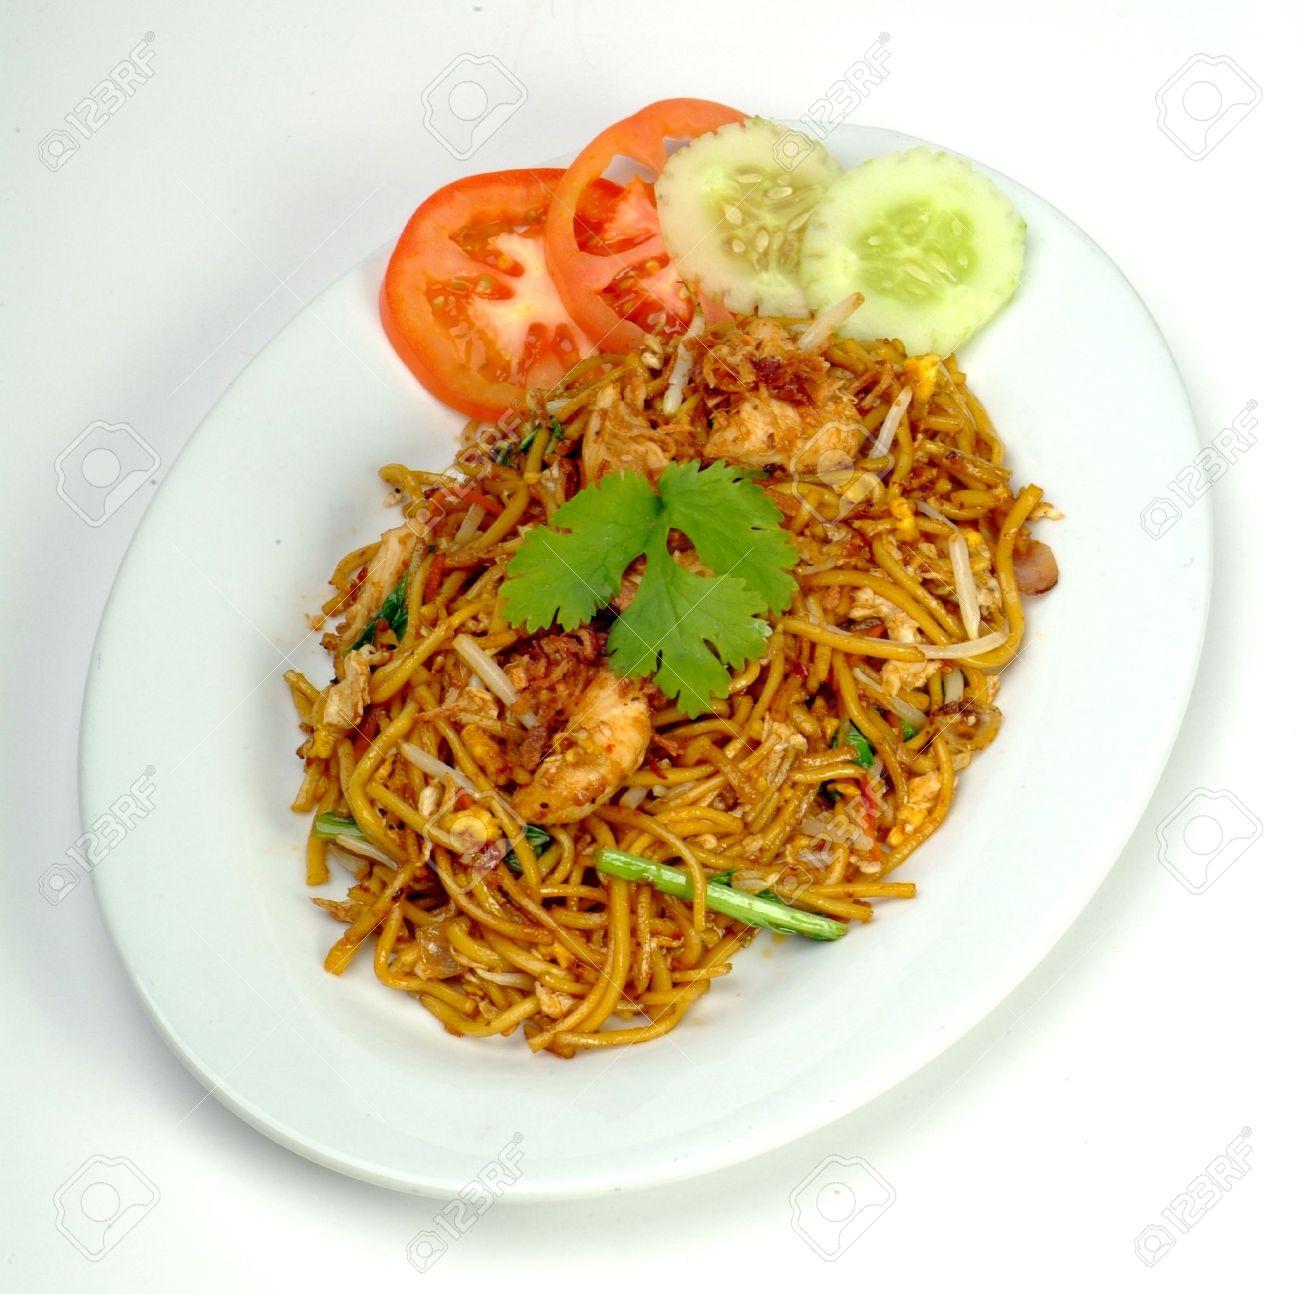 mamak fried noodle - malaysian food Stock Photo - 9267570